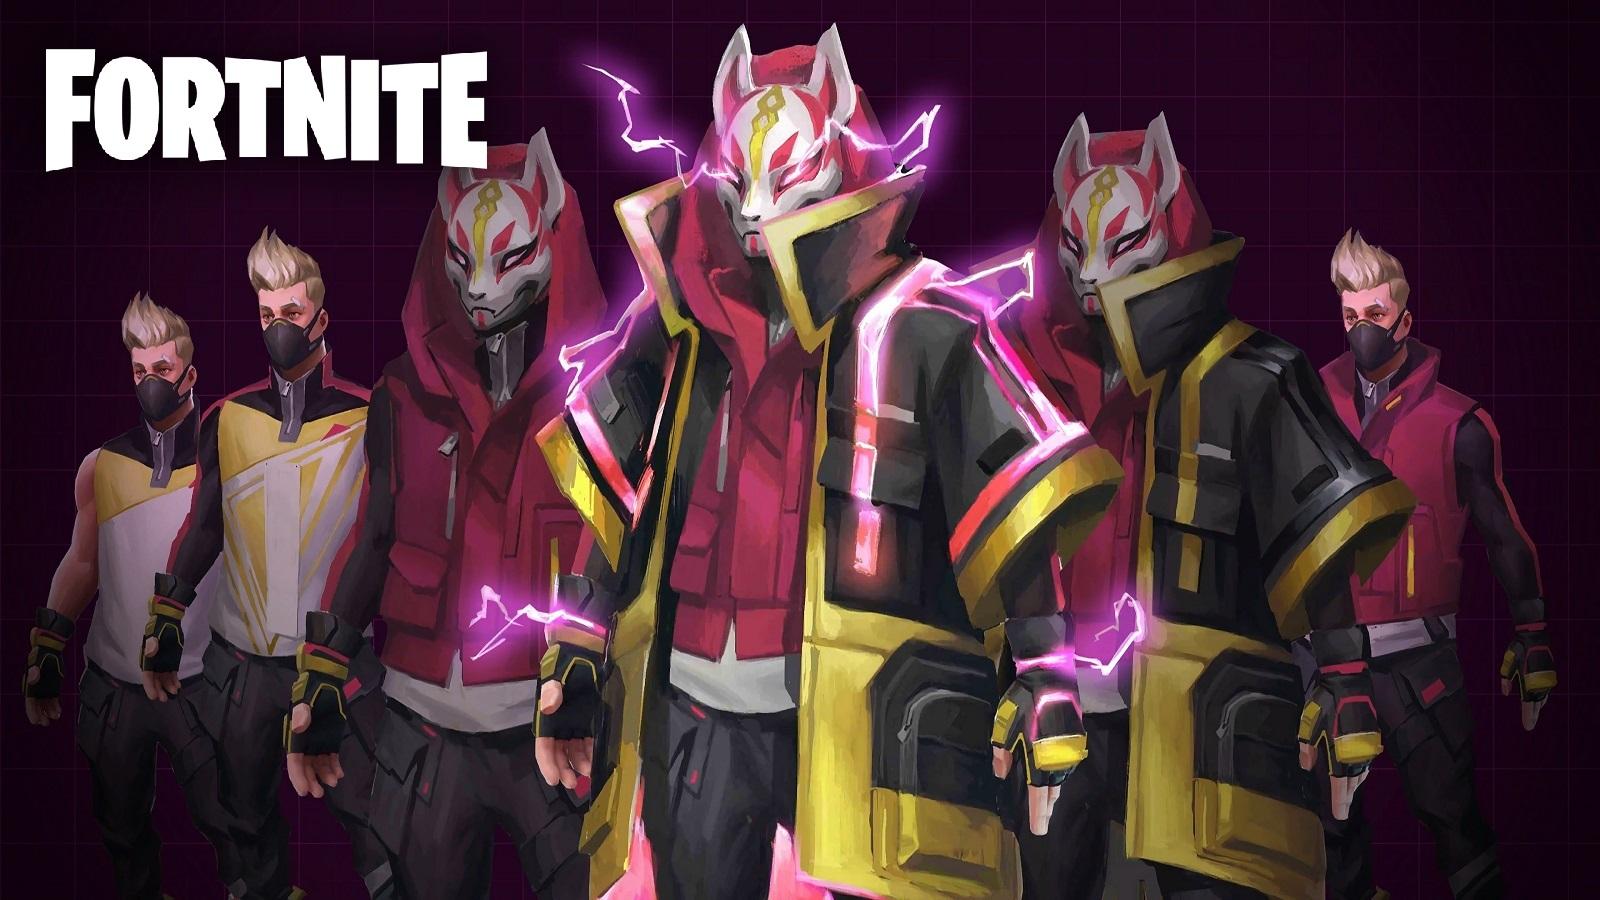 Fortnite Drift Loading Screen With Logo